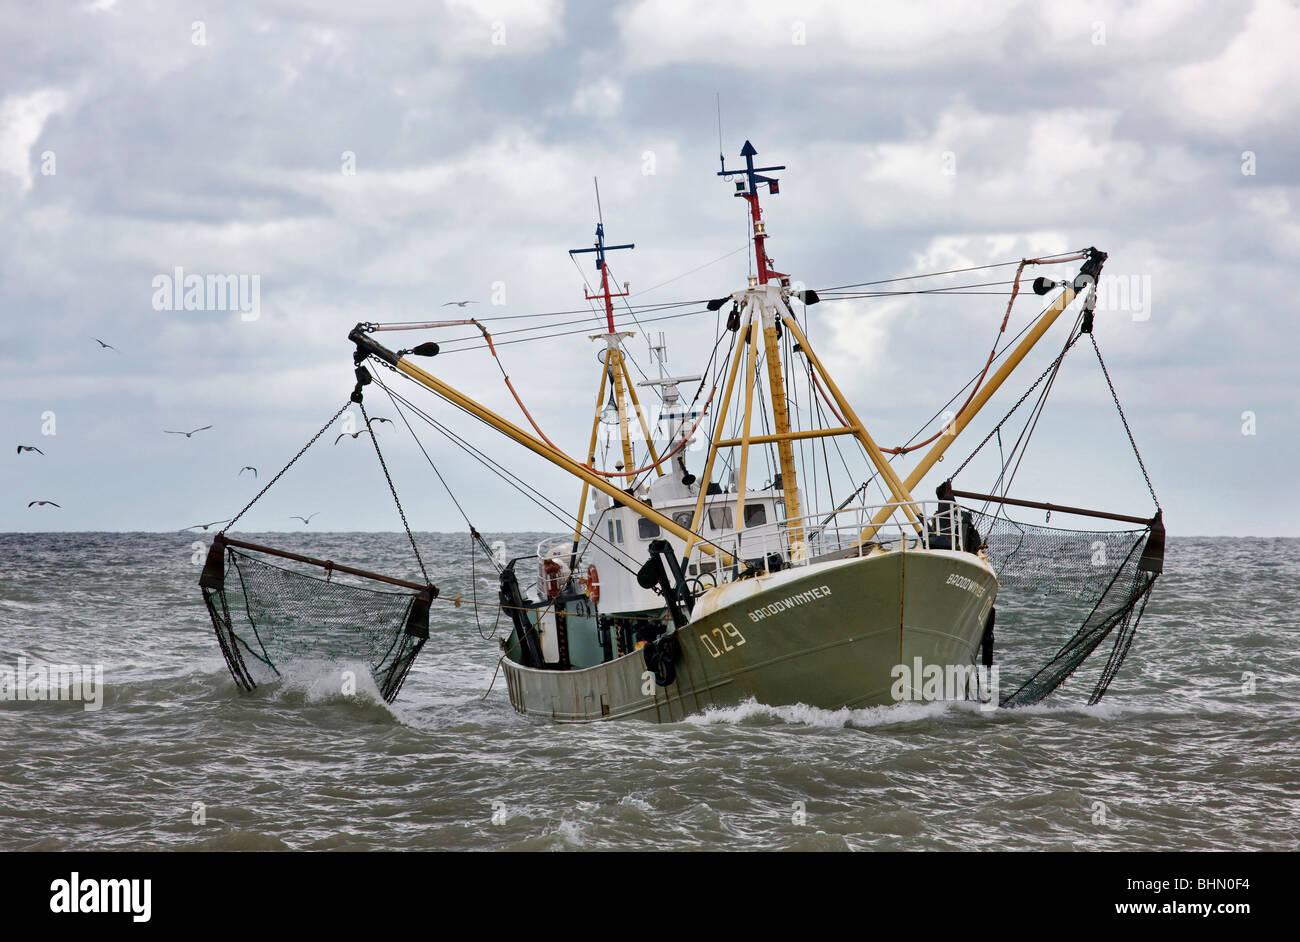 Bateau de pêche chalutier / sur la mer du Nord en faisant glisser les filets de pêche, Ostende, Belgique Banque D'Images